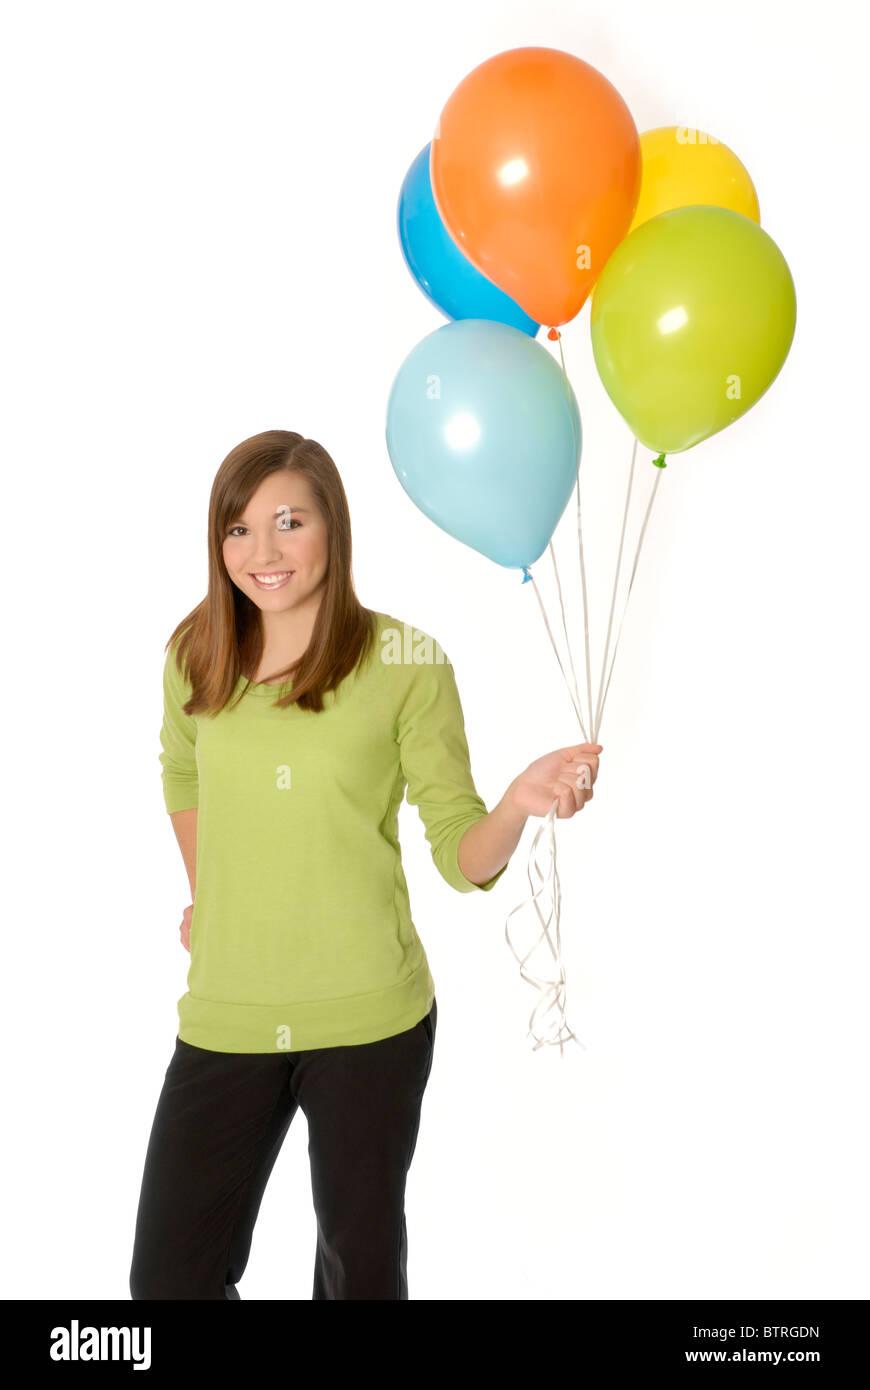 Adolescente sosteniendo globos. Imagen De Stock